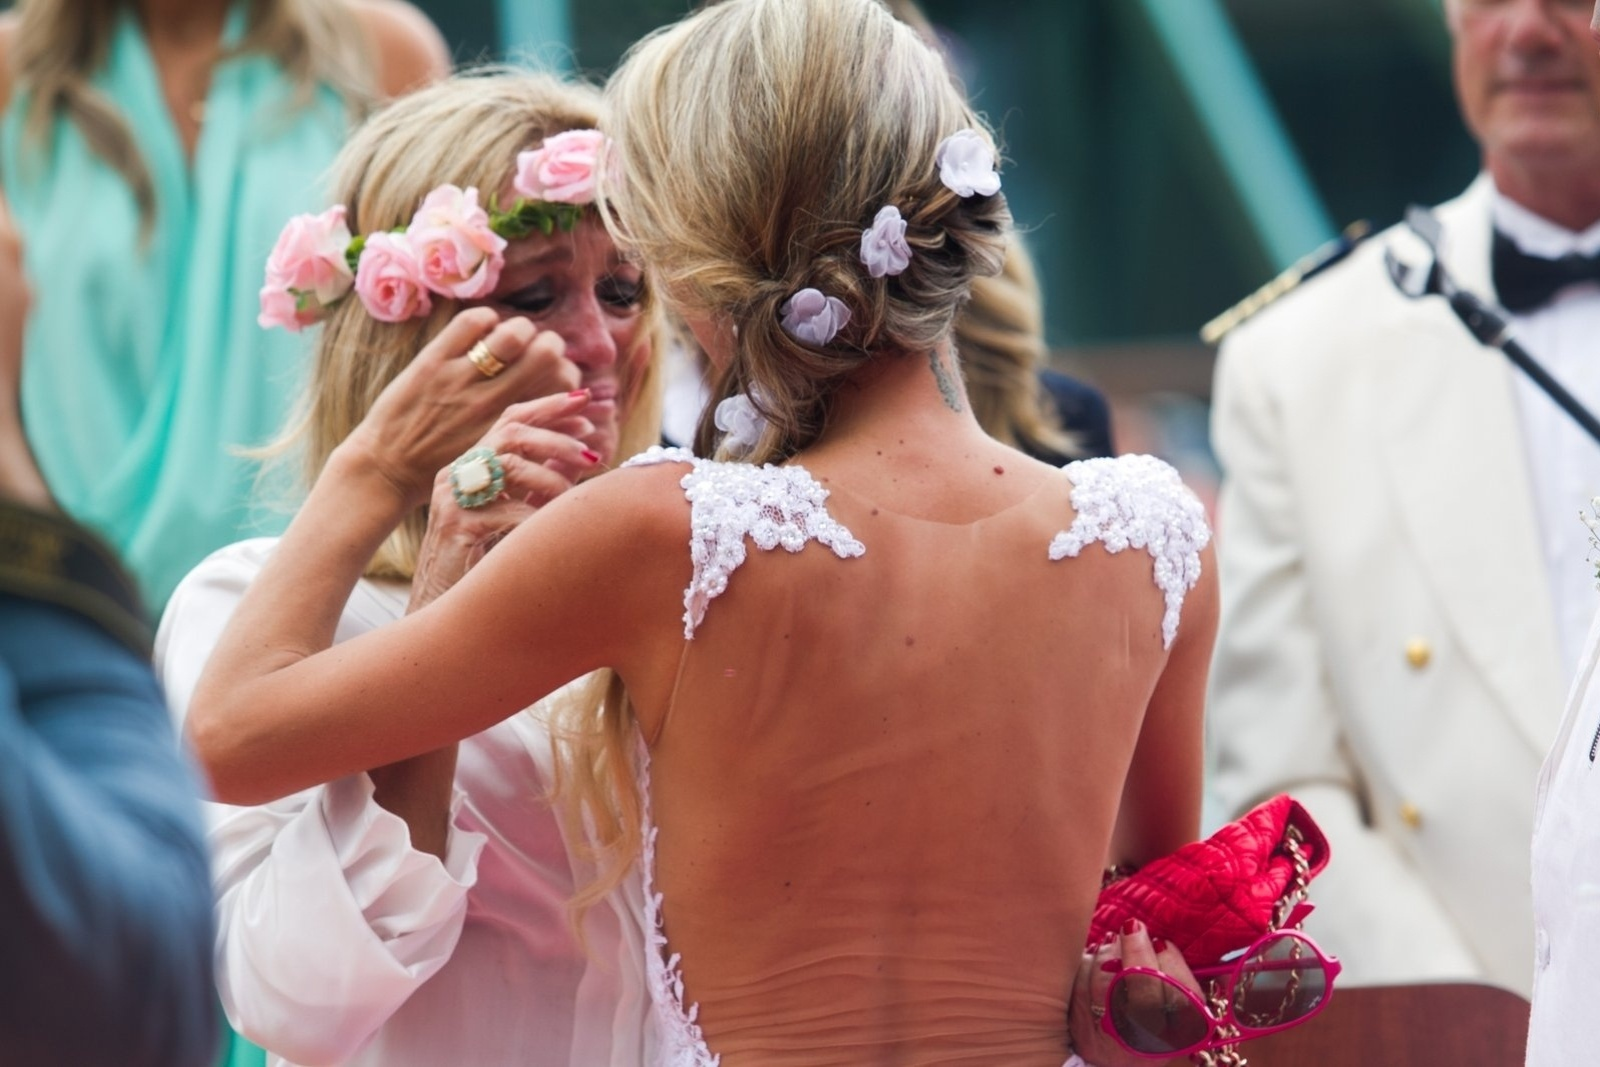 13.abr.2014 - O filho da atriz Susana Vieira, Rodrigo, se casou na tarde deste domingo com Ketryn Goetten a bordo de um cruzeiro de música eletrônica. Vestindo uma camisa branca aberta, um sutiã rosa e uma coroa de flores na cabeça, a atriz se emocionou durante a cerimônia